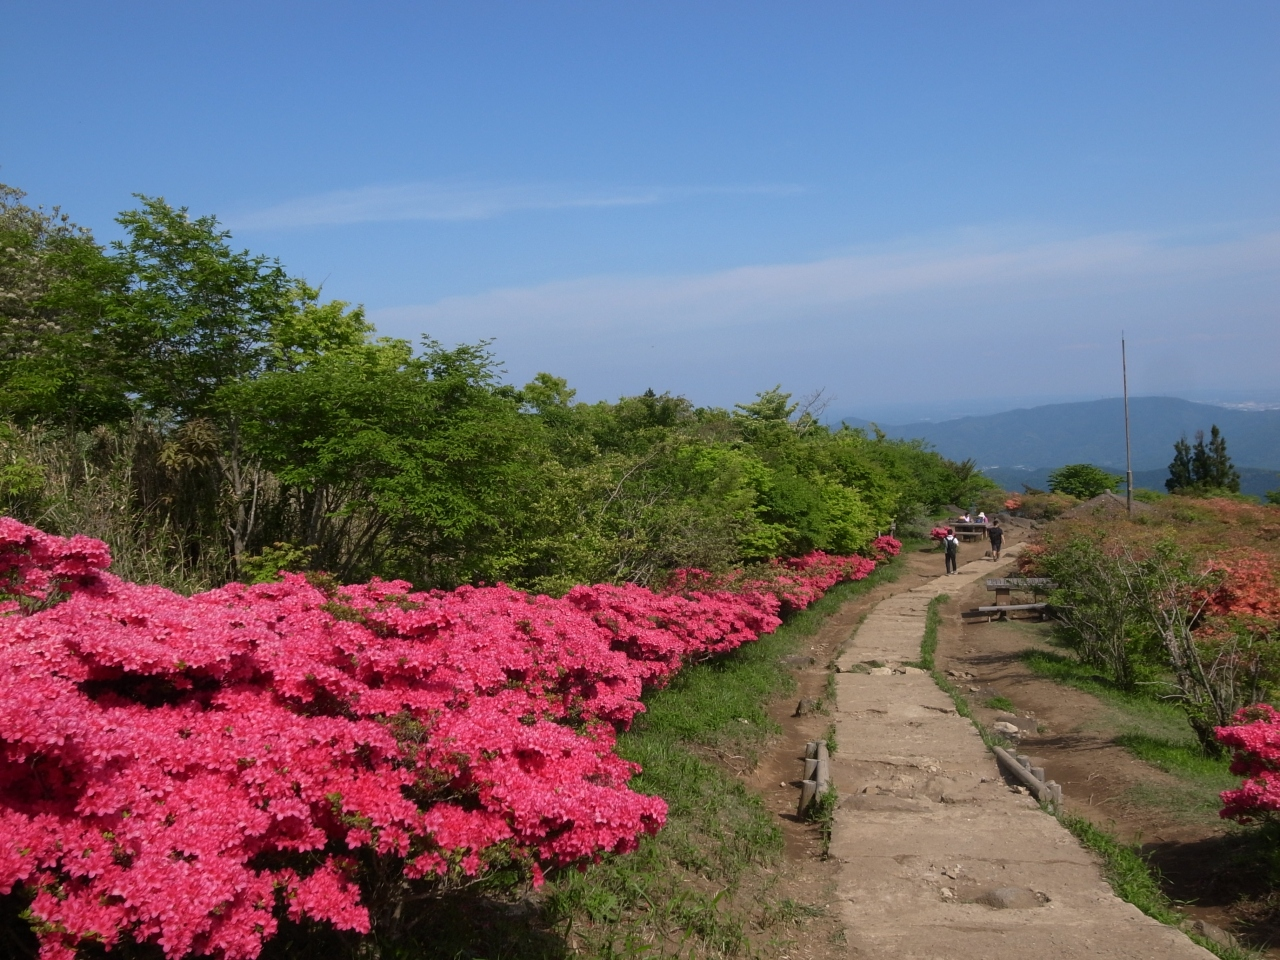 【中止】2020.5.17 JOYトレイル J5 茨城県 筑波山